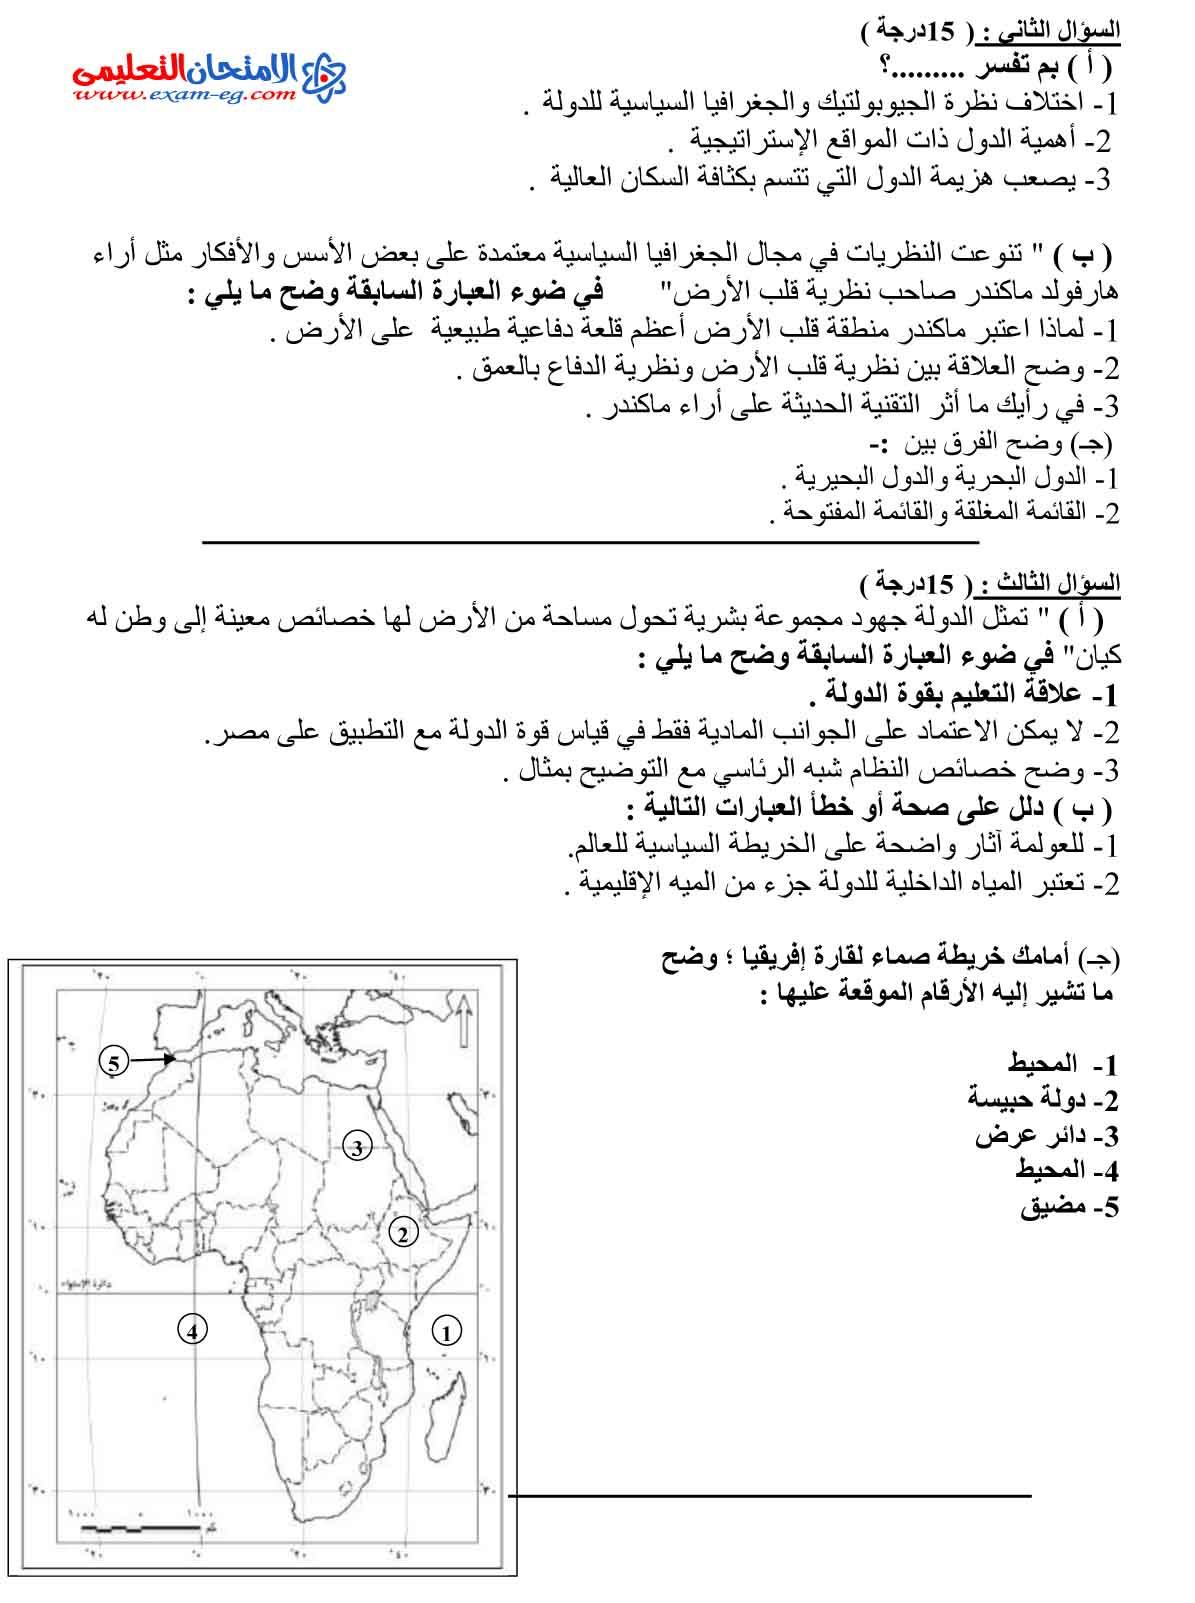 جغرافيا 4 - مدرسة اون لاين-2